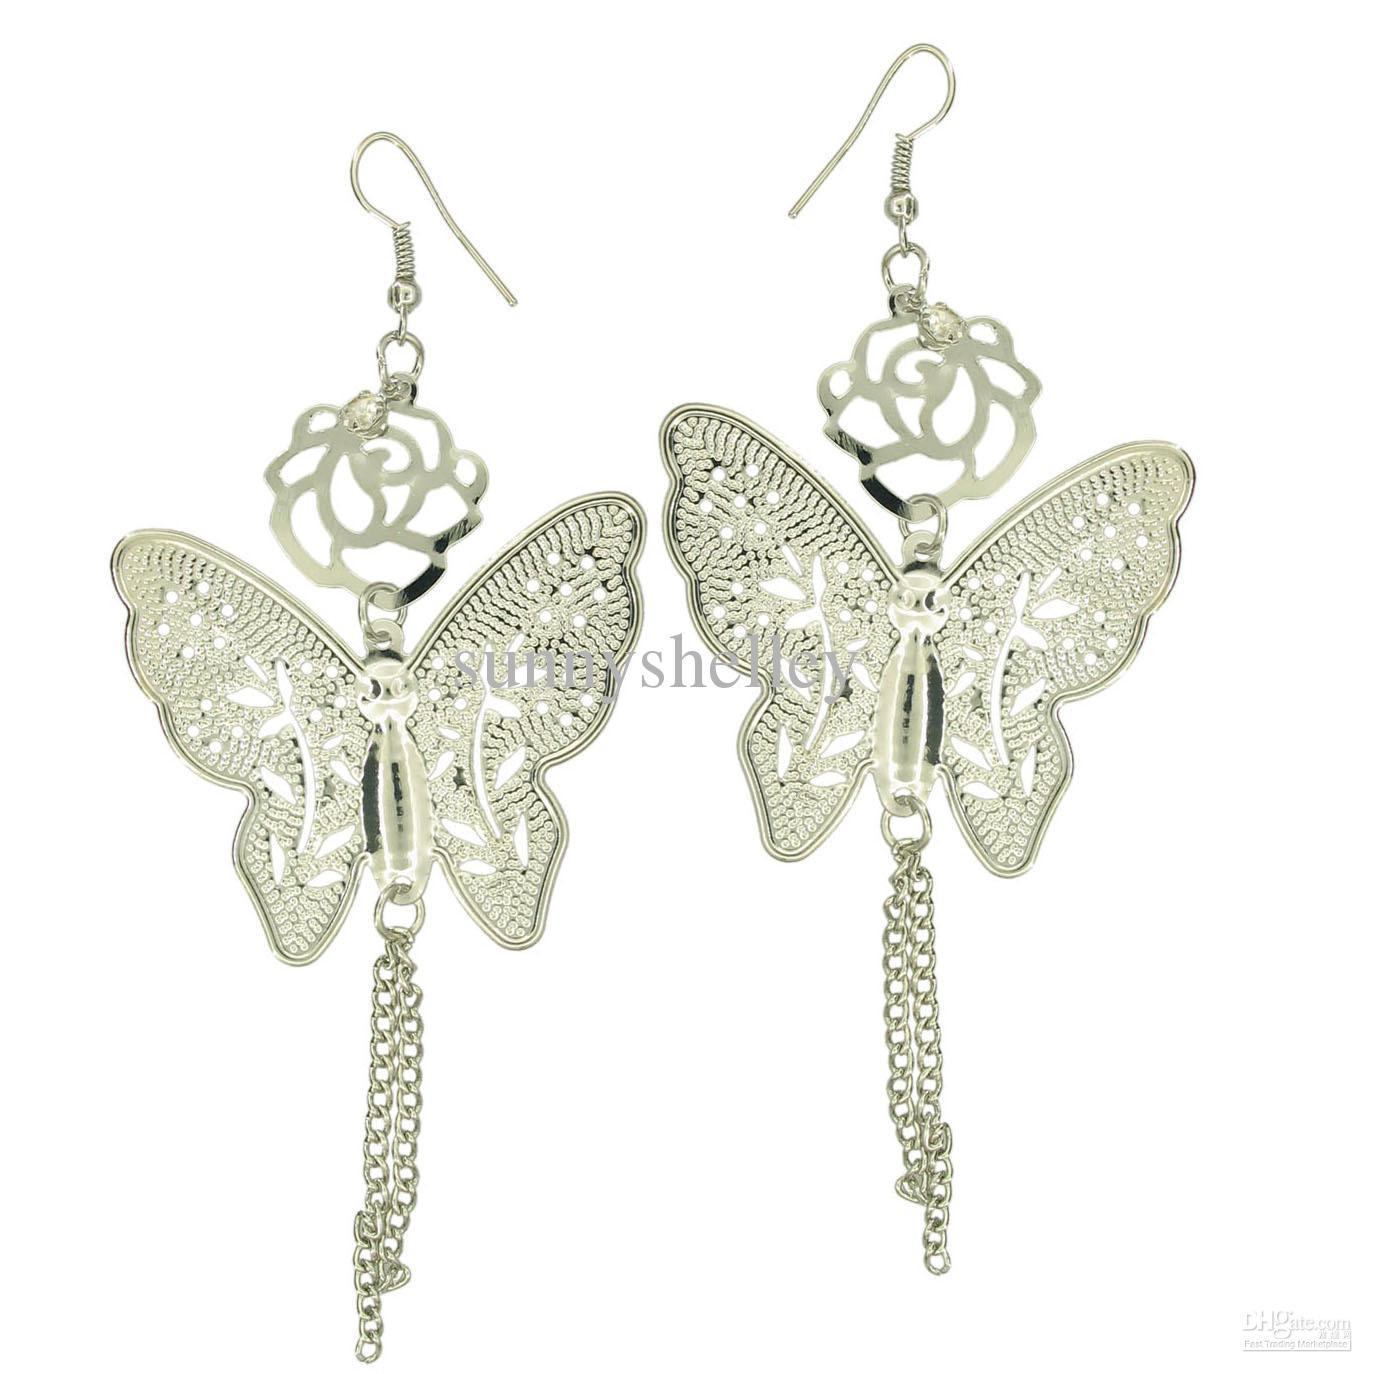 earrings for women gyartrn